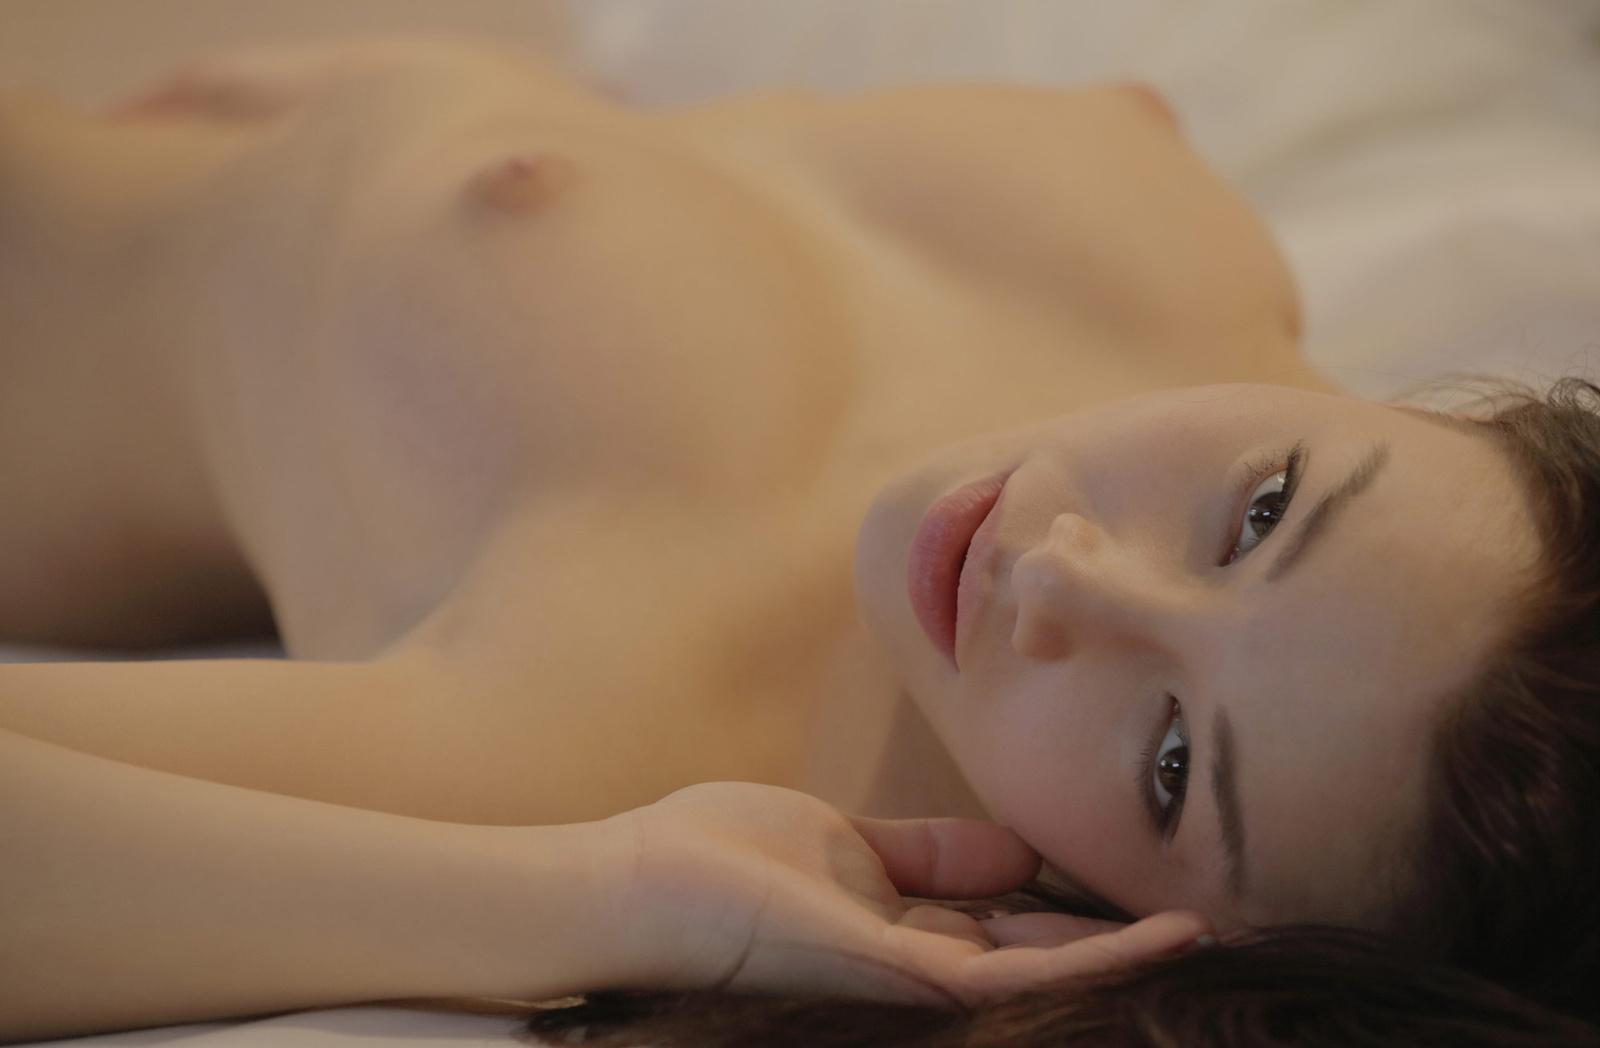 h-art-studiya-smotret-onlayn-krasivaya-erotika-seks-s-transseksualkoy-s-bolshimi-siskami-foto